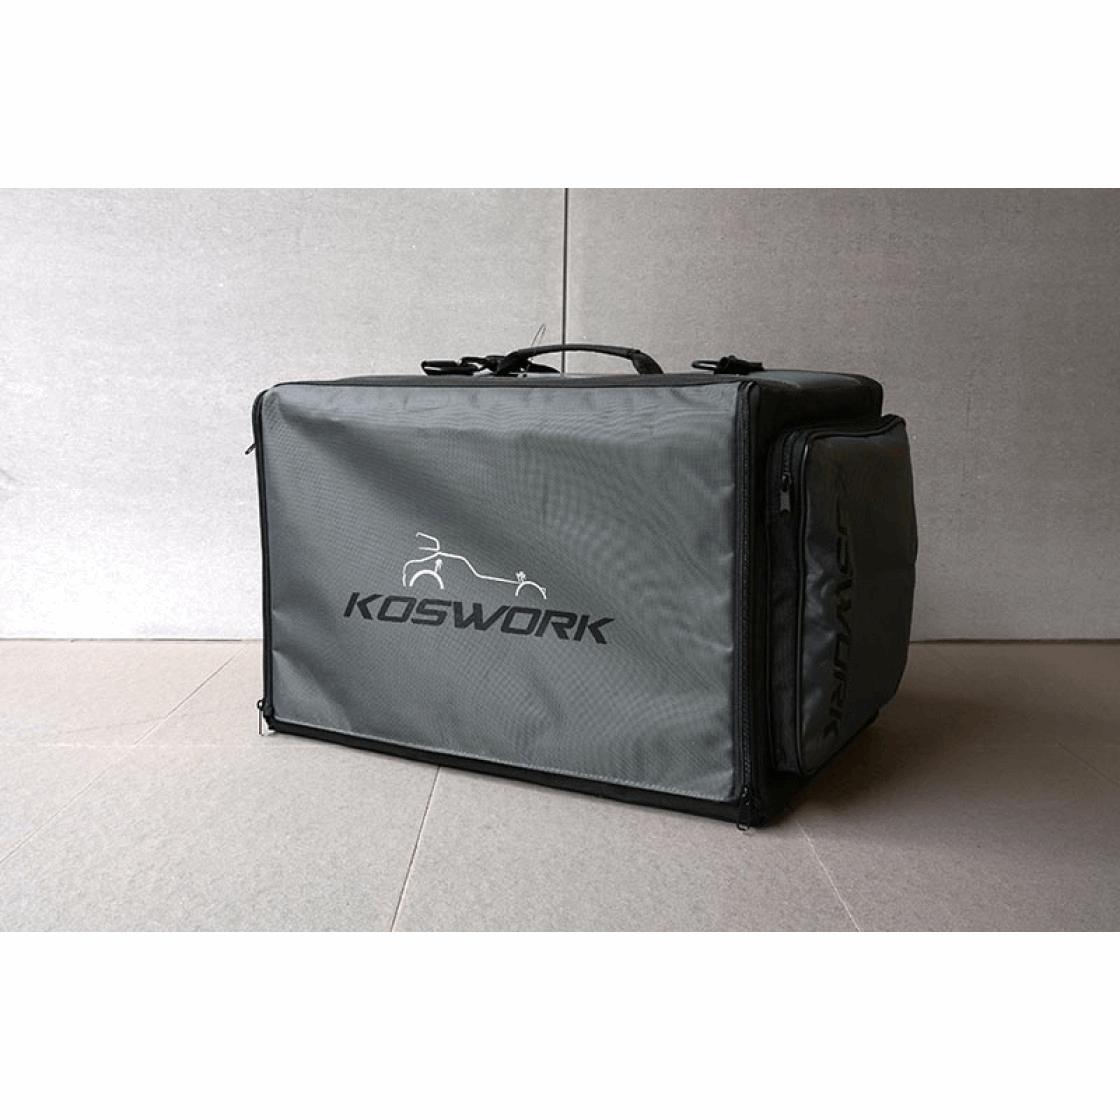 Koswork 1/10 Compact 3 Drawer Buggy Bag (1/10, 1 Large & 2 Medium)